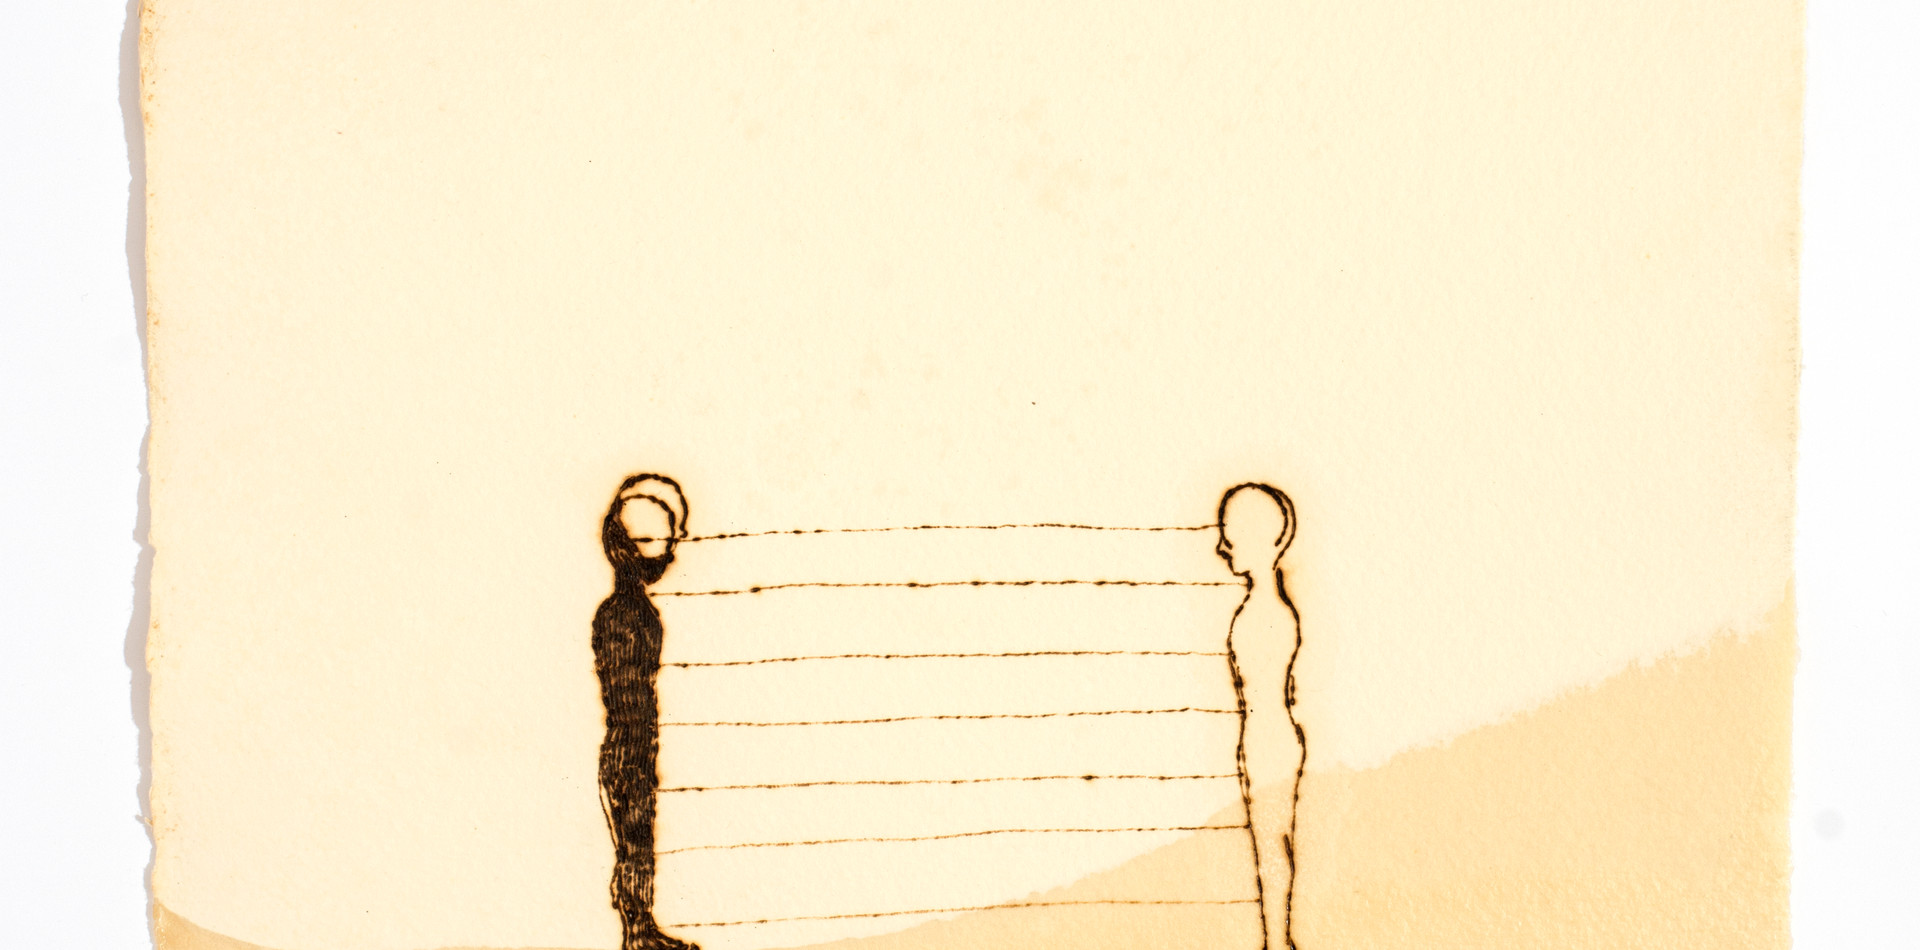 Série Limiar 2 | 2018 Desenho em pirografia e parafina sobre papel 30 x 40 cm